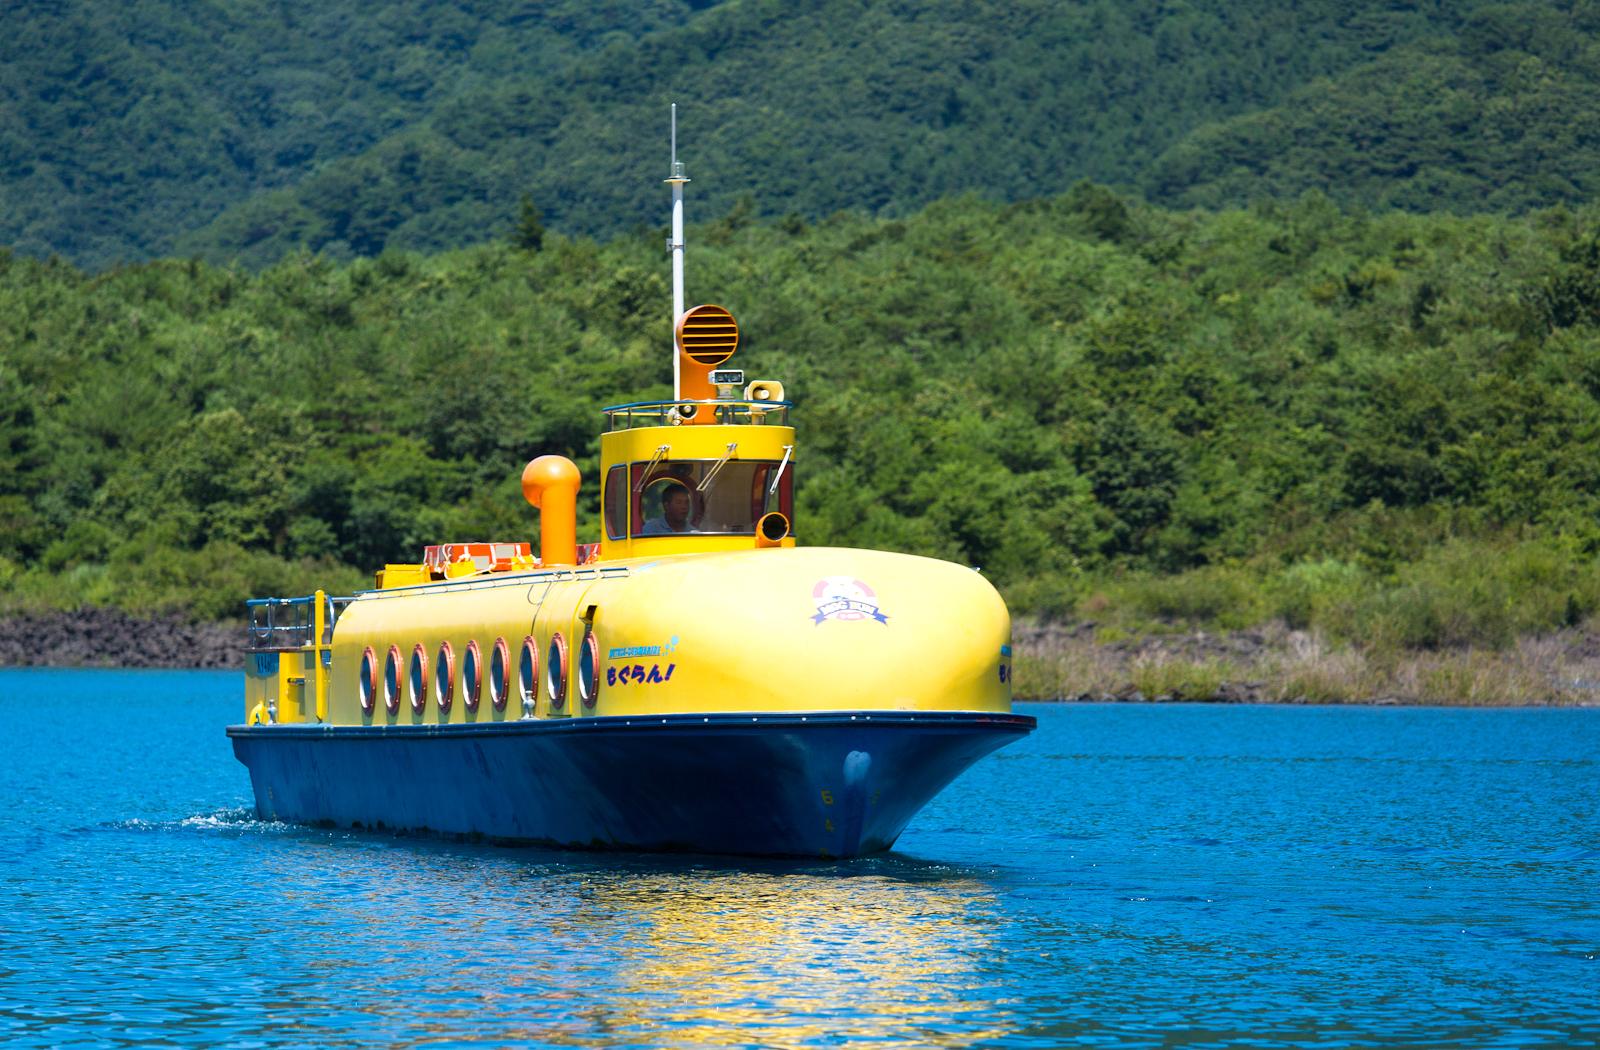 本栖湖遊覧船「もぐらん」